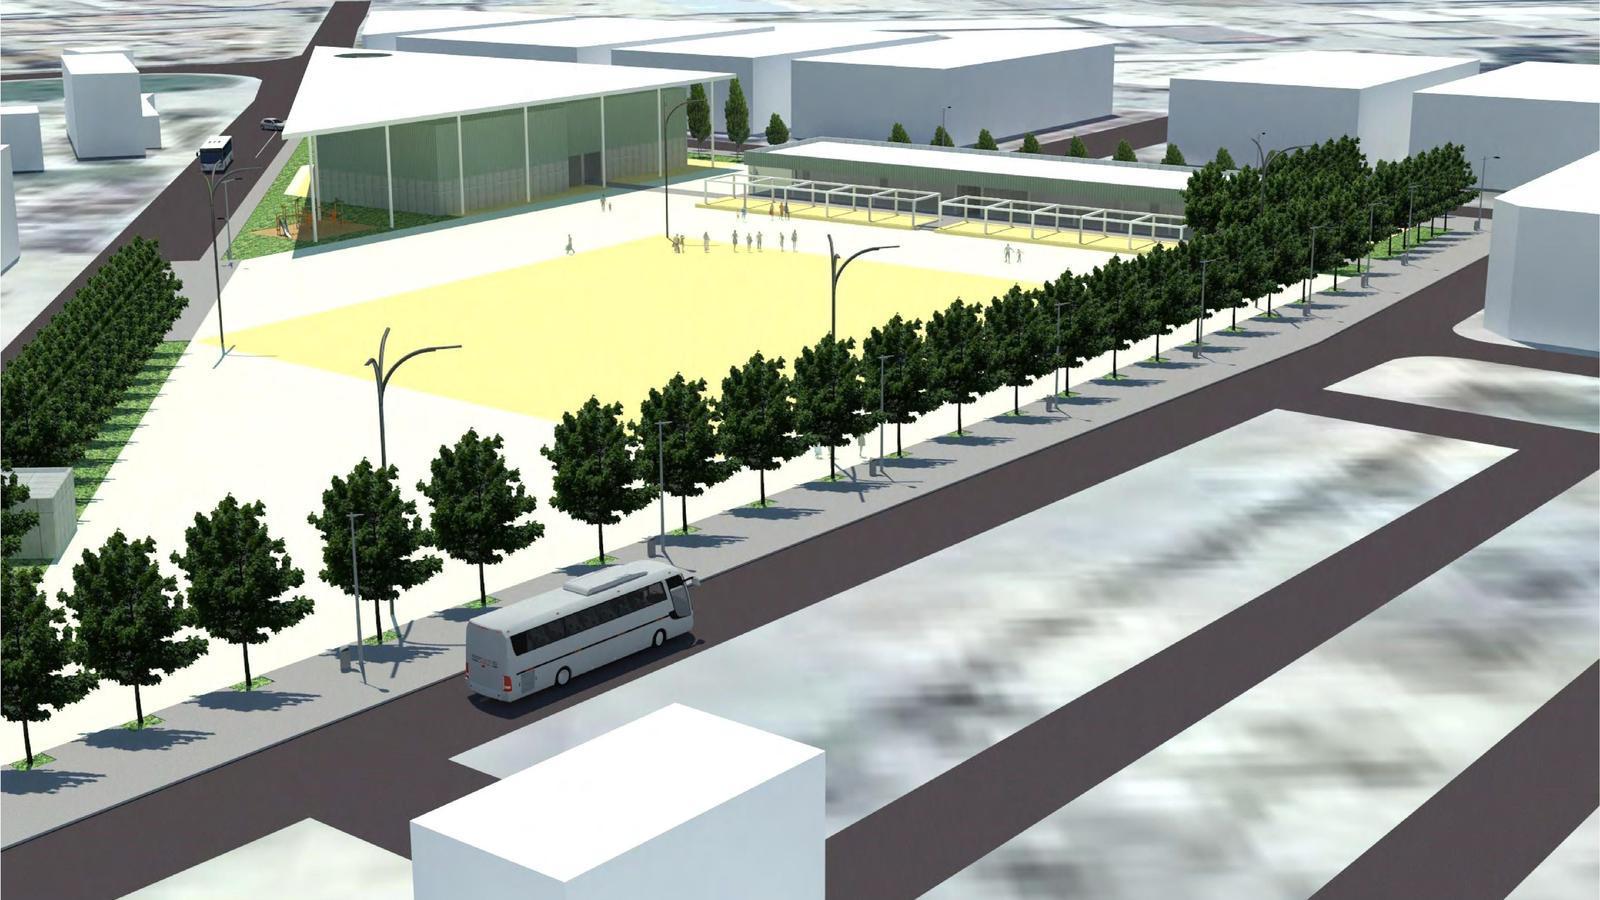 Imatge virtual de com serà el complexe d'oci i la urbanització de l'entorn.